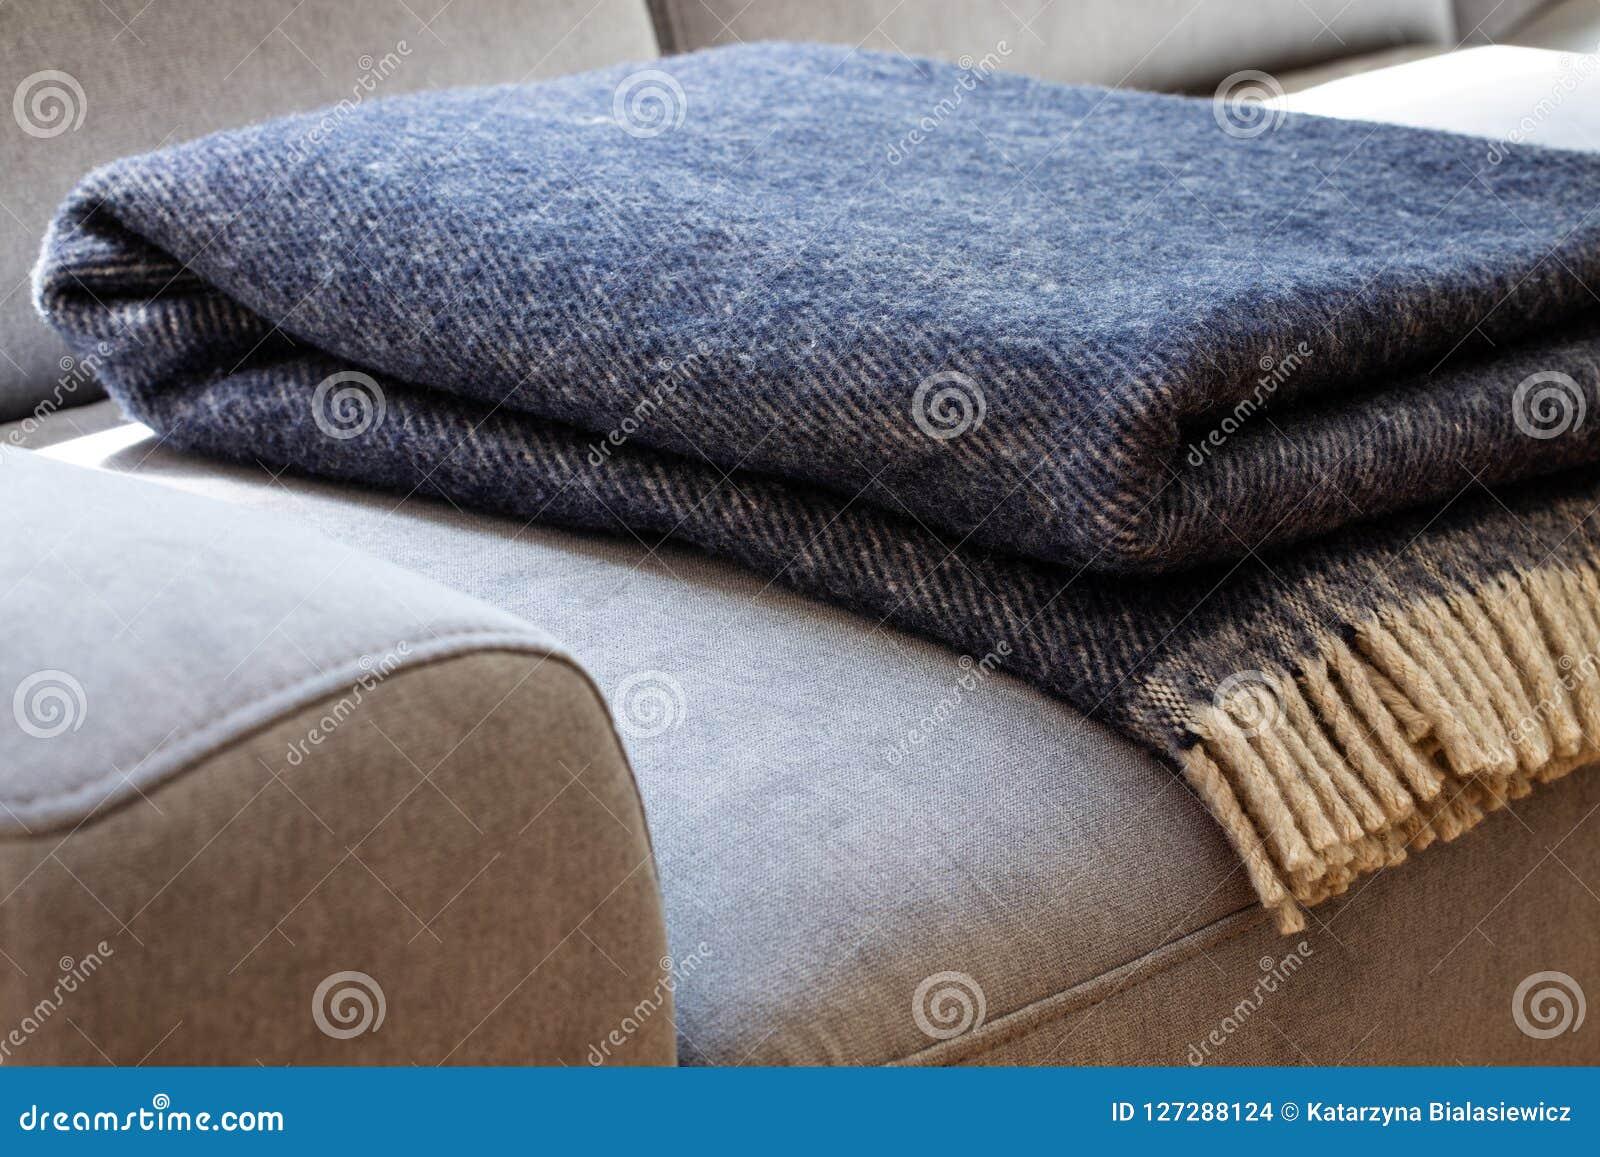 Close-up van een warme, marineblauwe, woldeken met beige rand op een bank op z n gemak, grijze in een comfortabel woonkamerbinnen